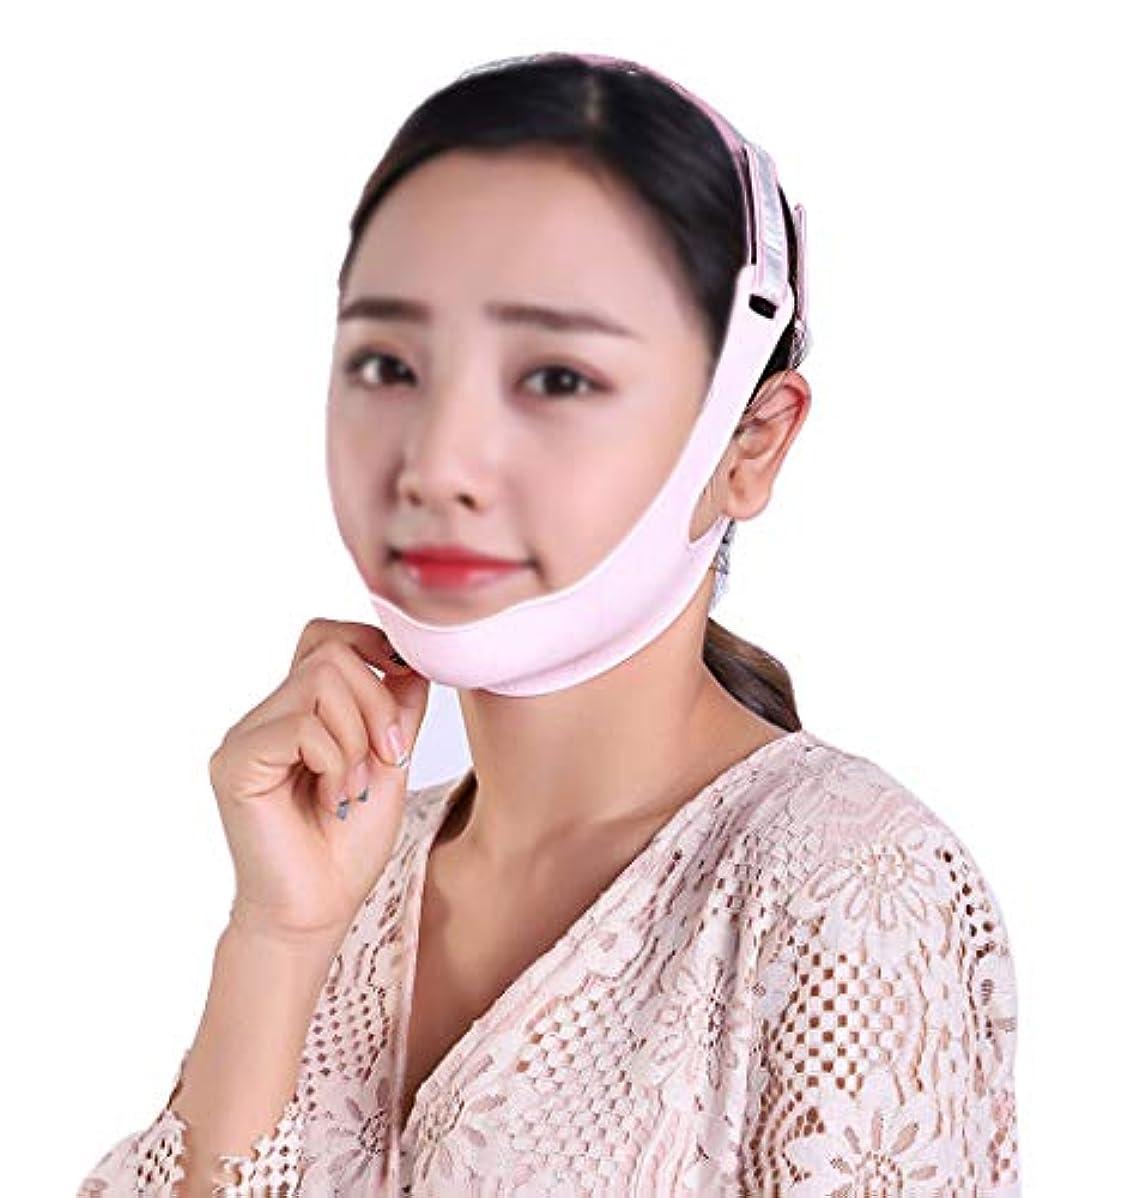 達成する禁じるおなかがすいたフェイスリフトマスク、シリコンVフェイスマスクの引き締め、リフティングフェイス、リラクゼーションフェイスとネックリフトのバンデージスモールVフェイスアーチファクト防止 (Size : L)